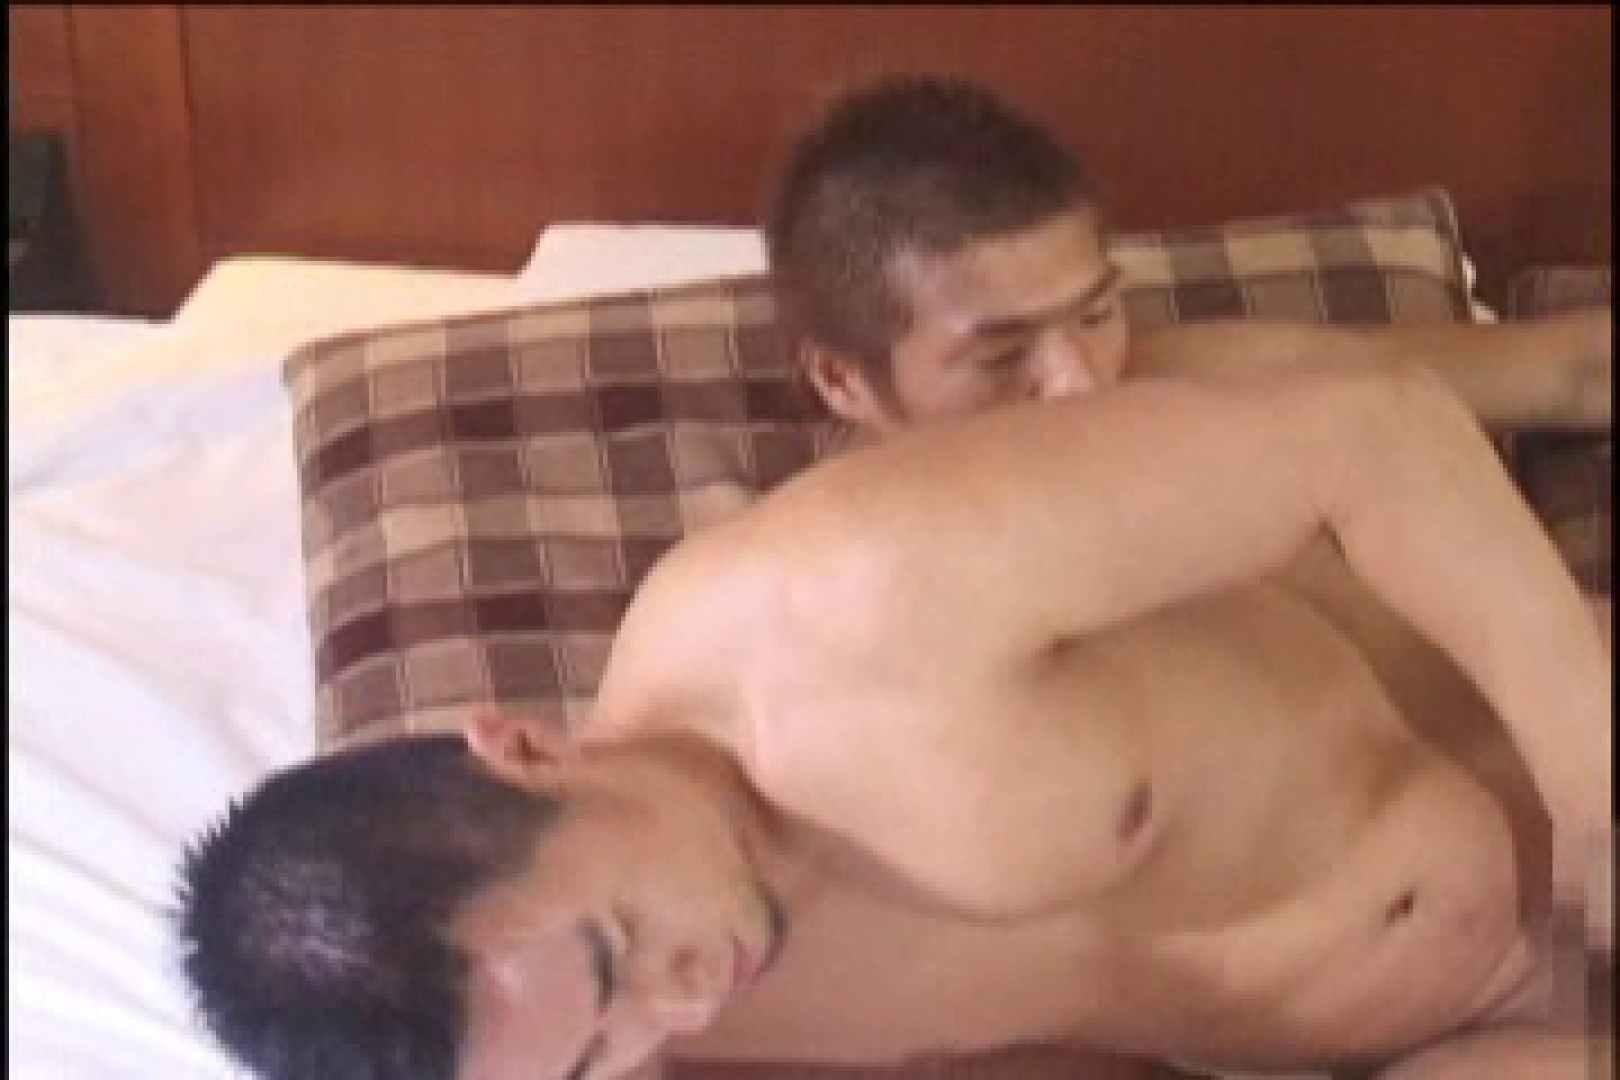 イケメンキラキラ列伝!09 人気シリーズ ちんこ画像 92連発 6